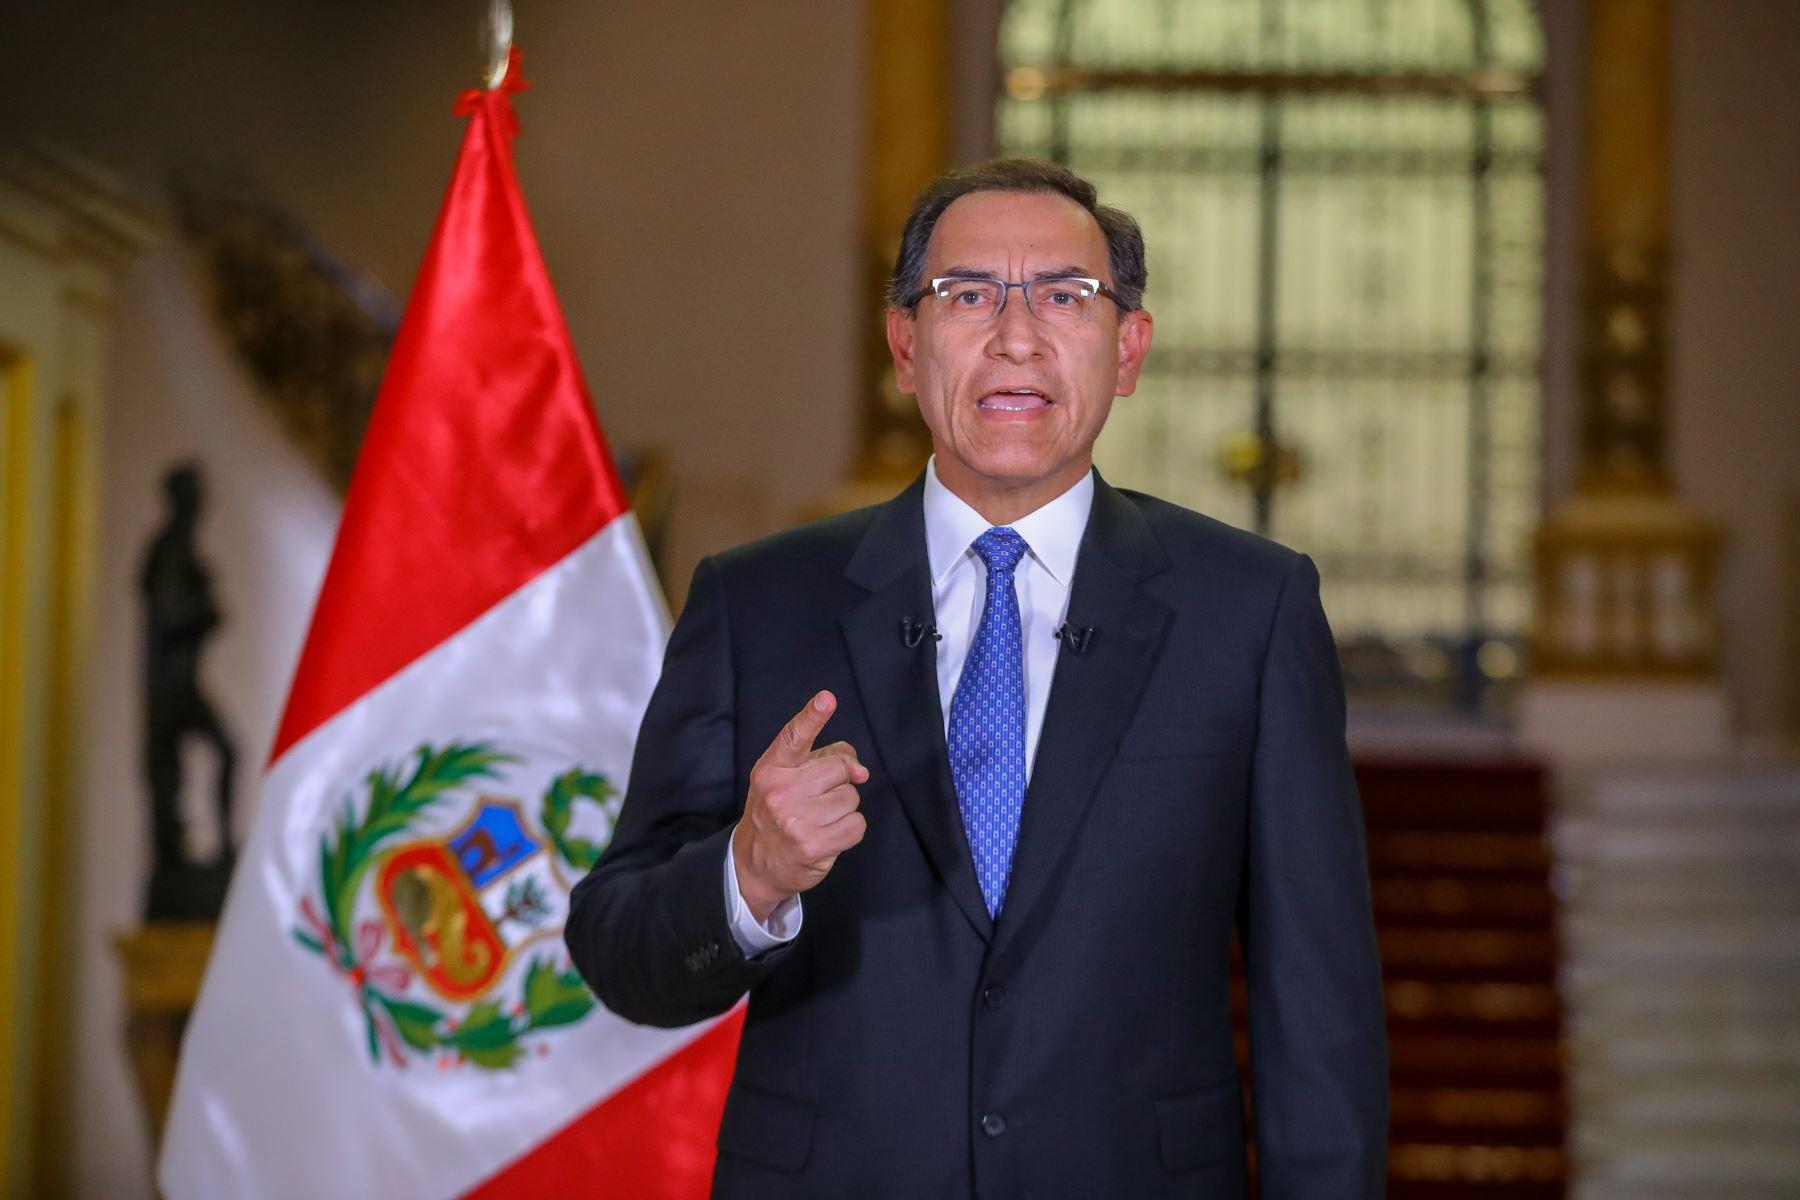 Martín Vizcarra solicita reunirse con voceros de bancadas — Cuestión de confianza